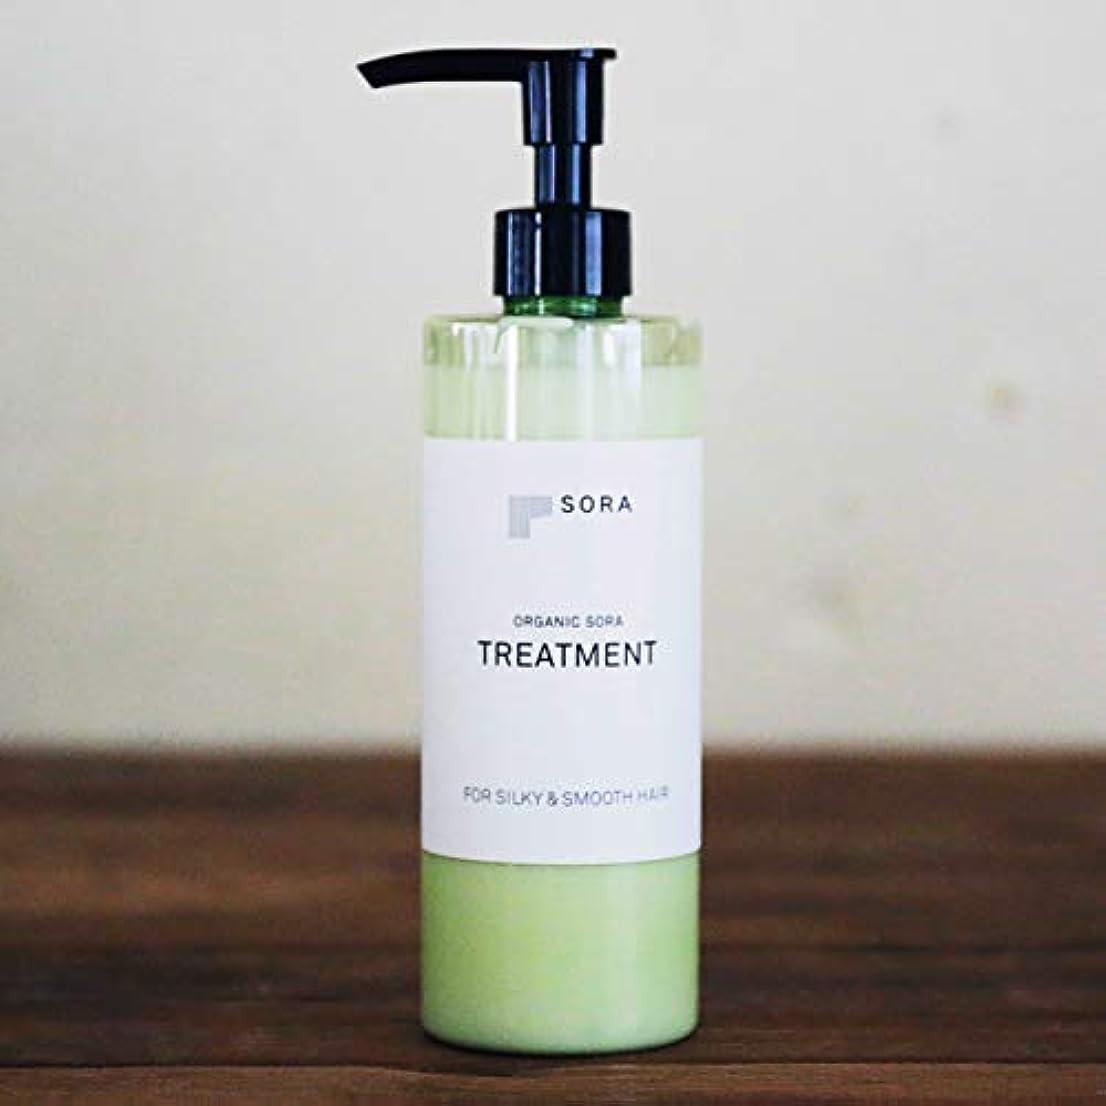 鷲イチゴ規範ORGANIC SORA TREATMENT【レモンベースの香り】